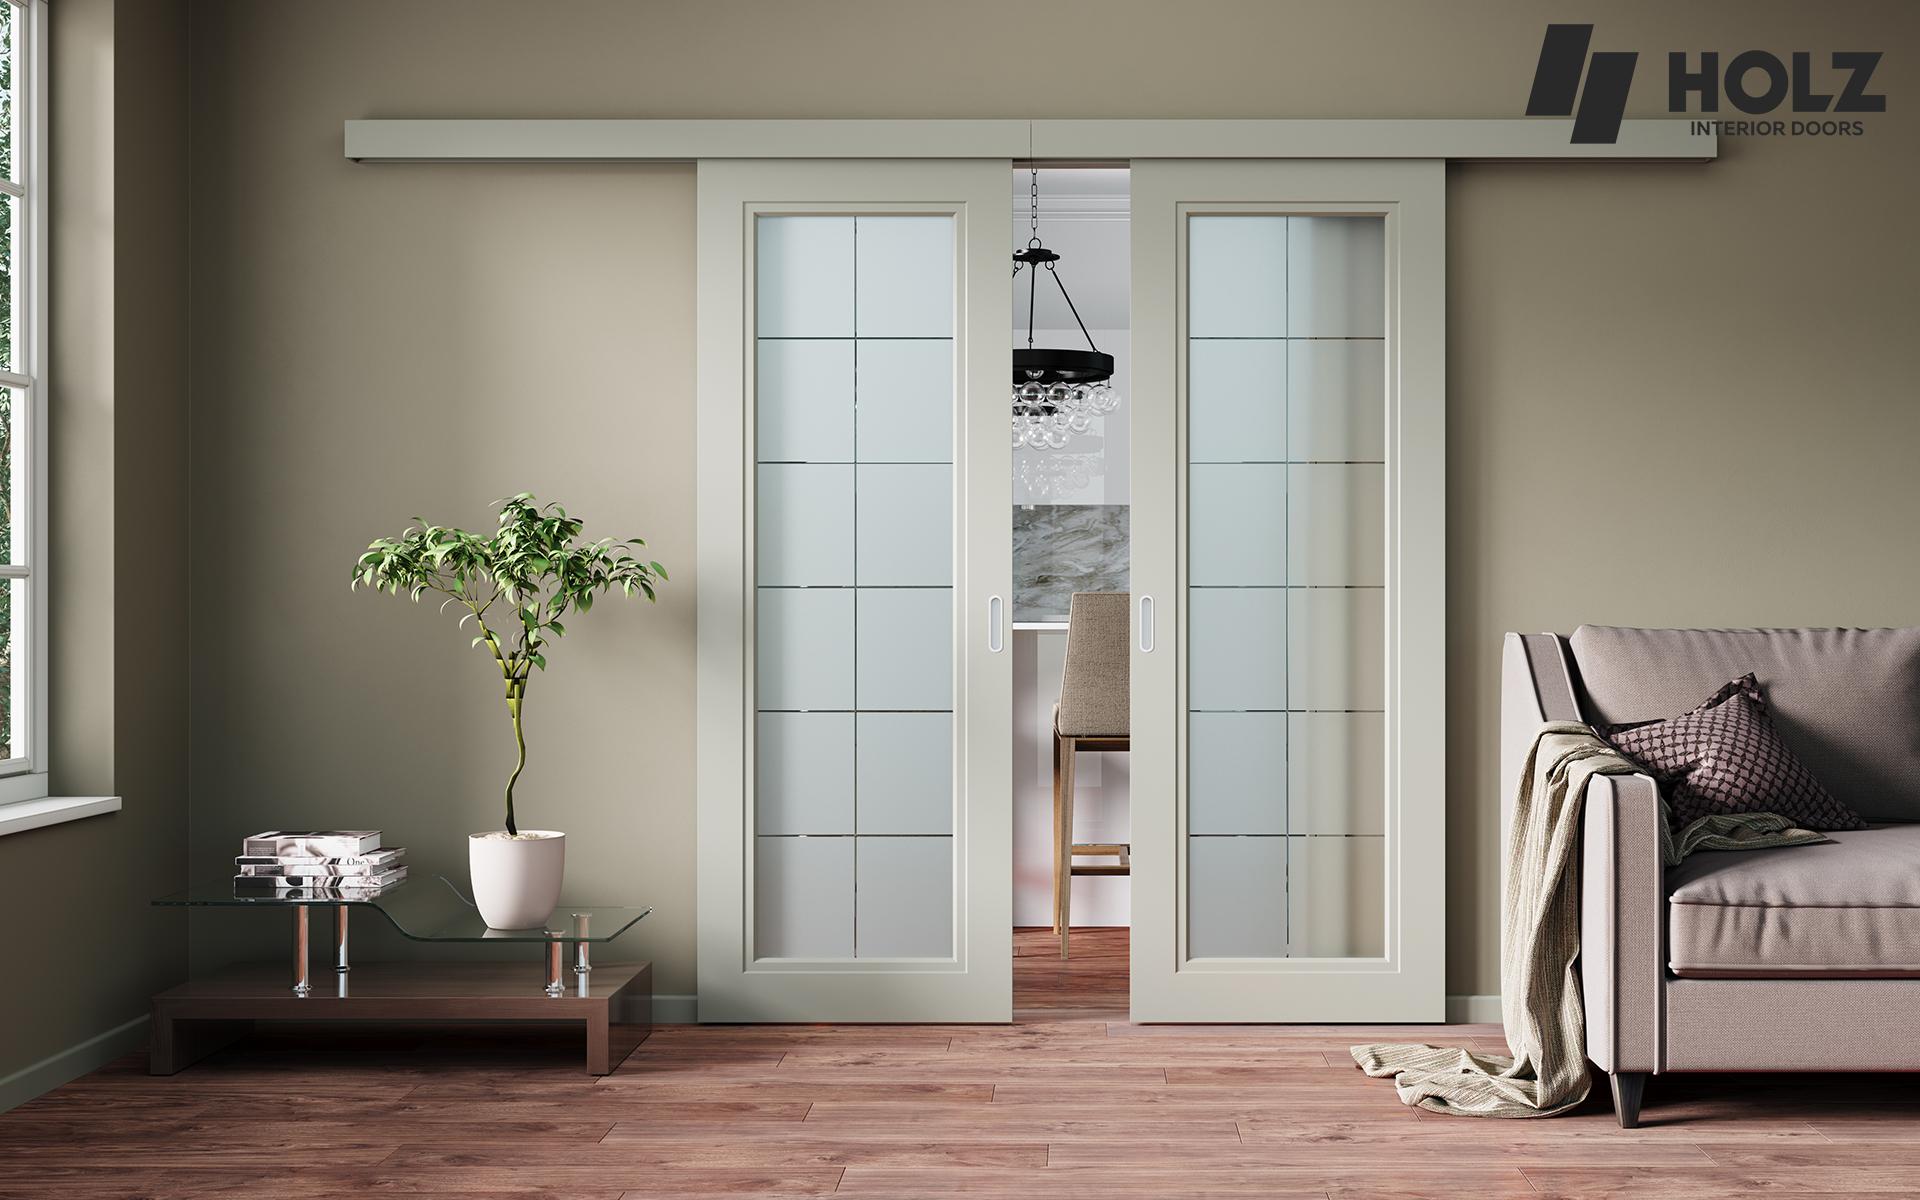 Преимущества и недостатки раздвижных дверей - плюсы и минусы